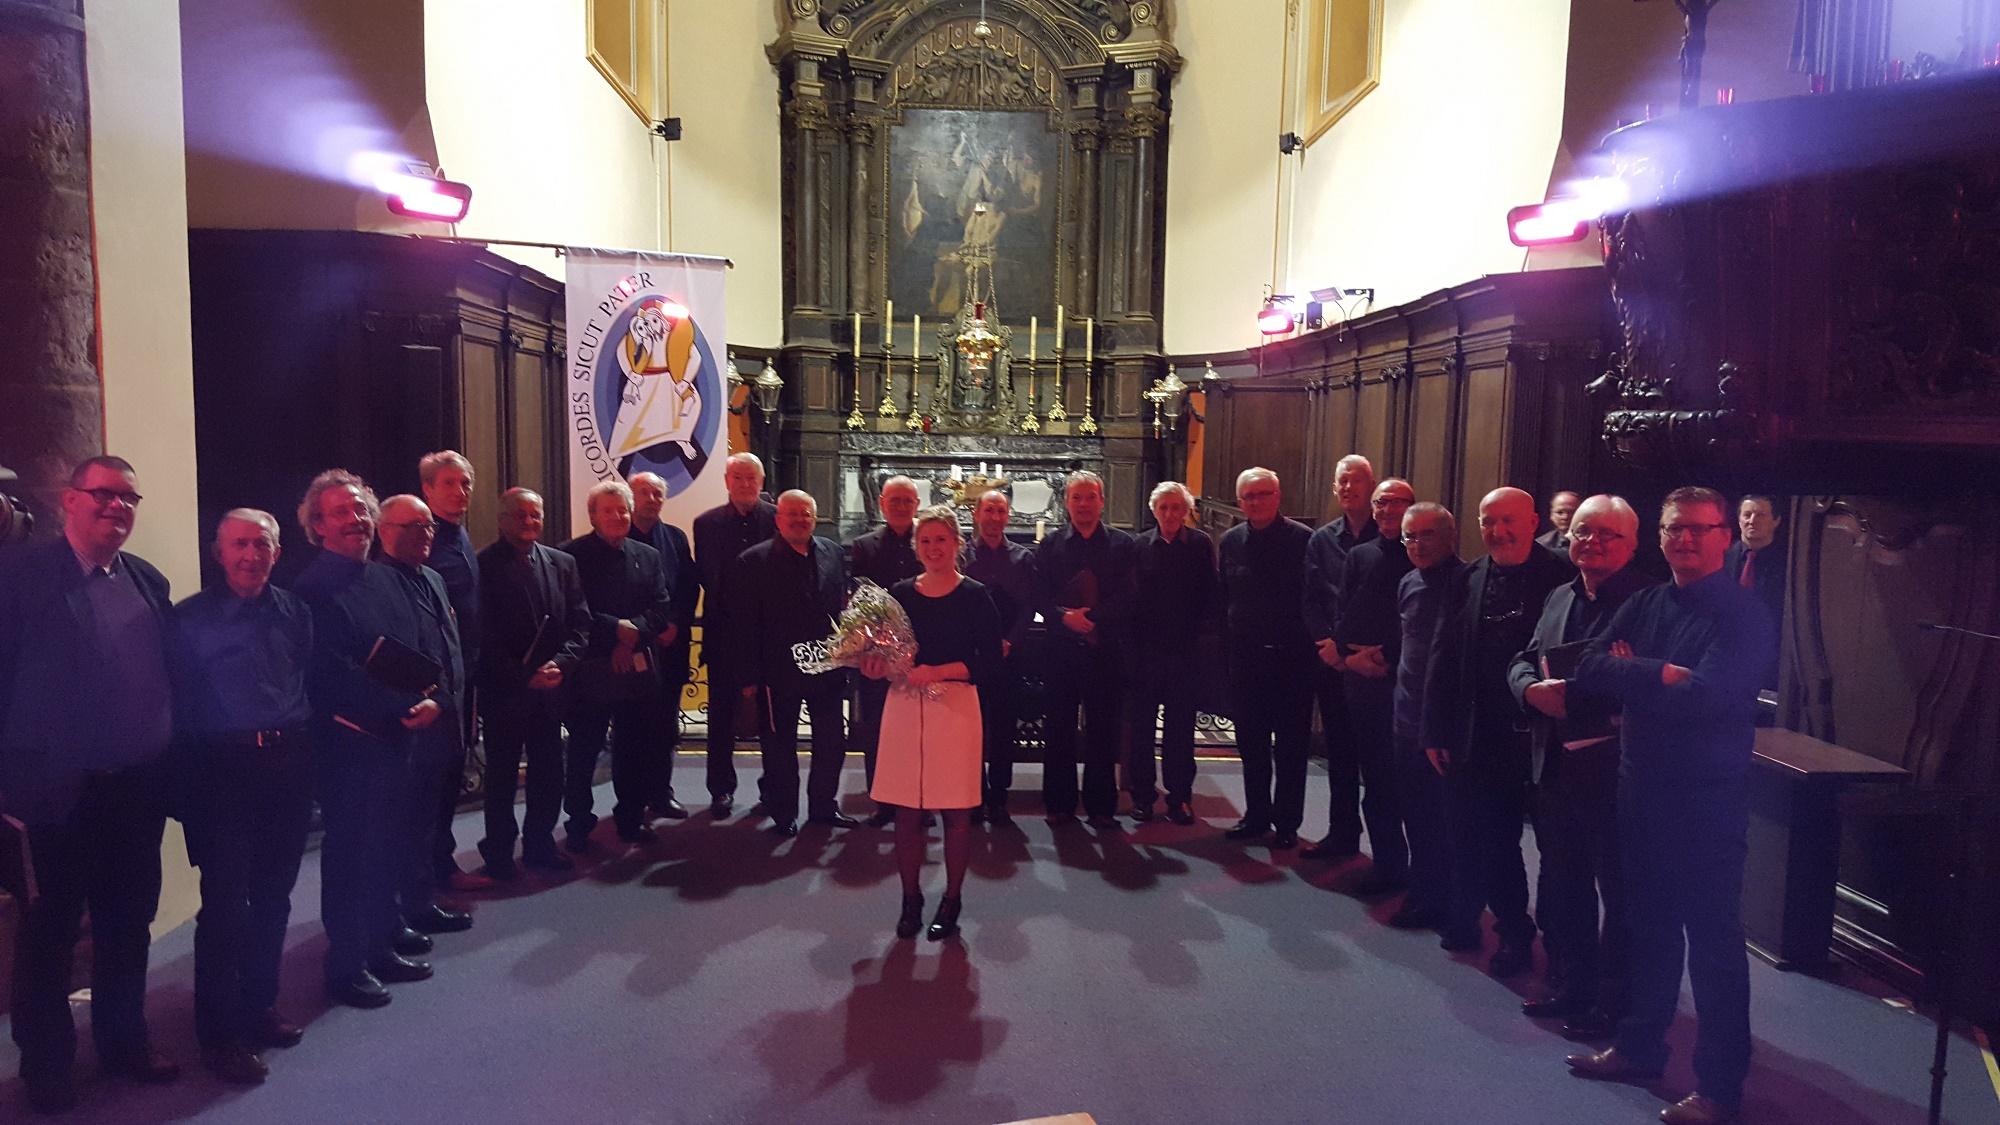 Mannenkoor The Men's Formation zoekt enthousiaste zangers!